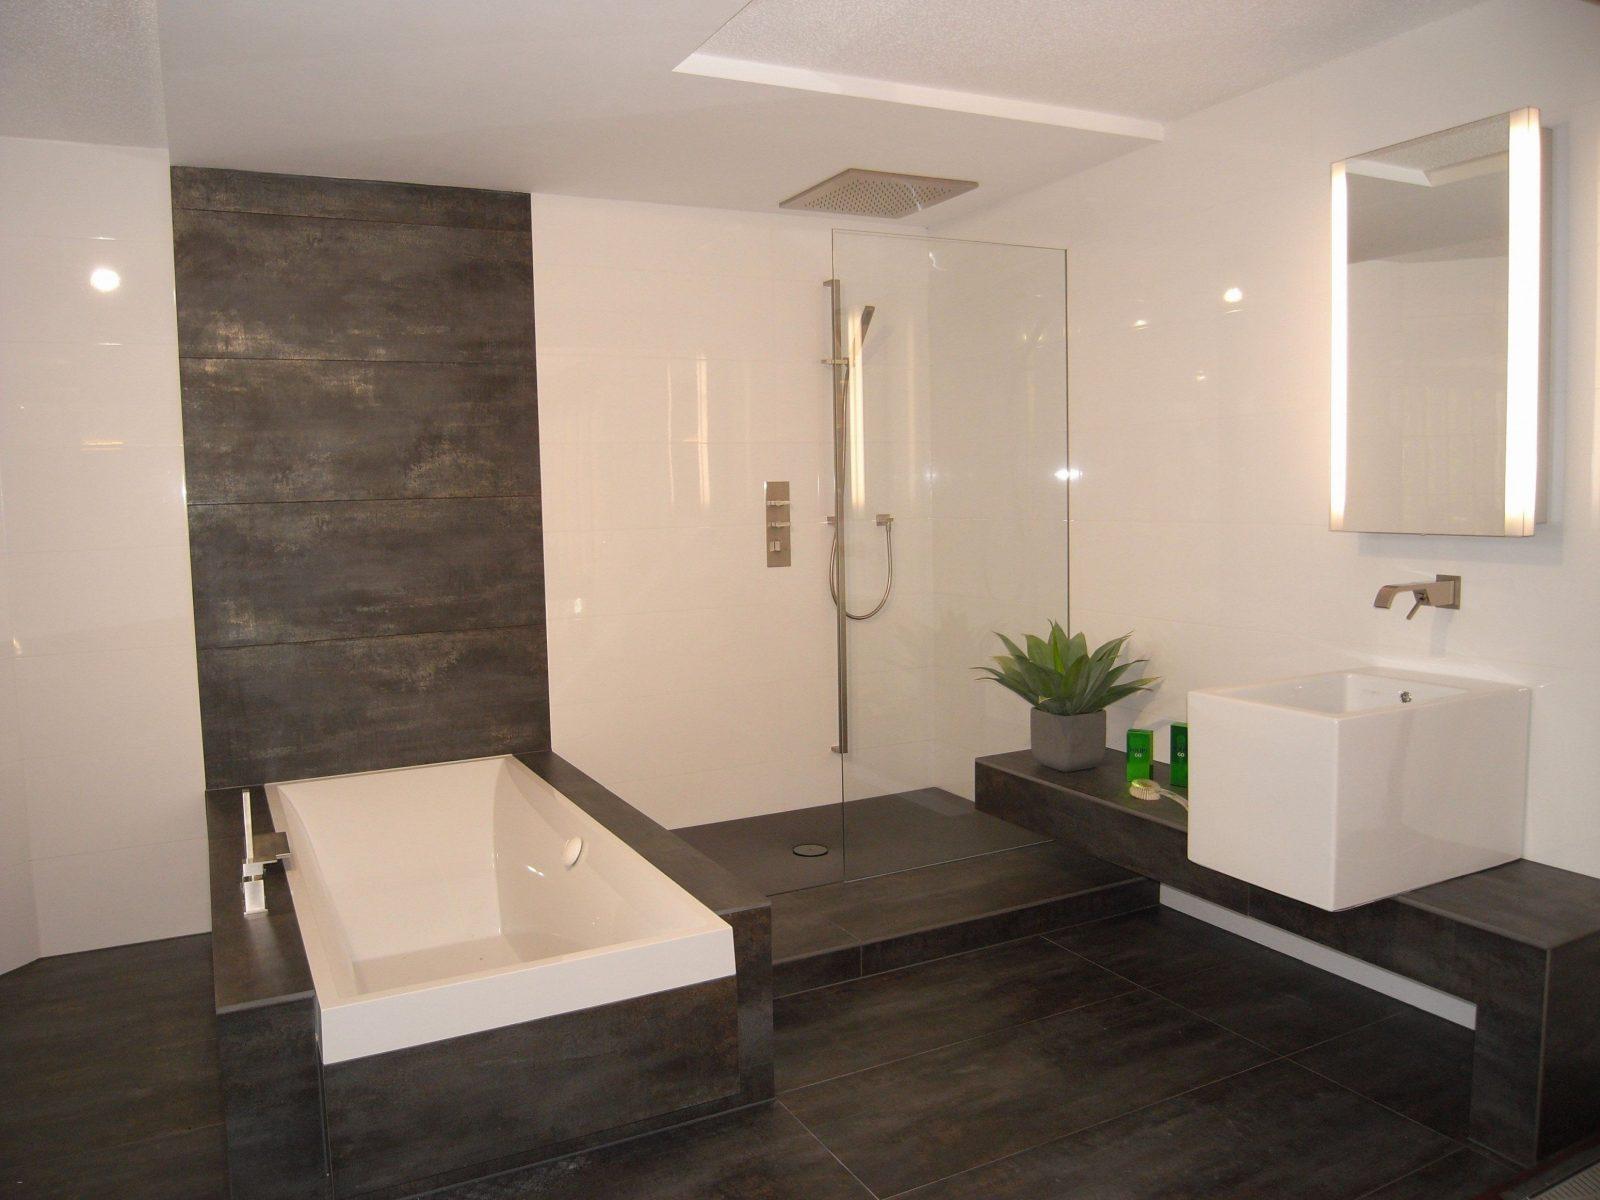 Badezimmer Ideen Modern Liebenswert 32 Unglaublich Badezimmer von Fliesen Bad Ideen Modern Photo